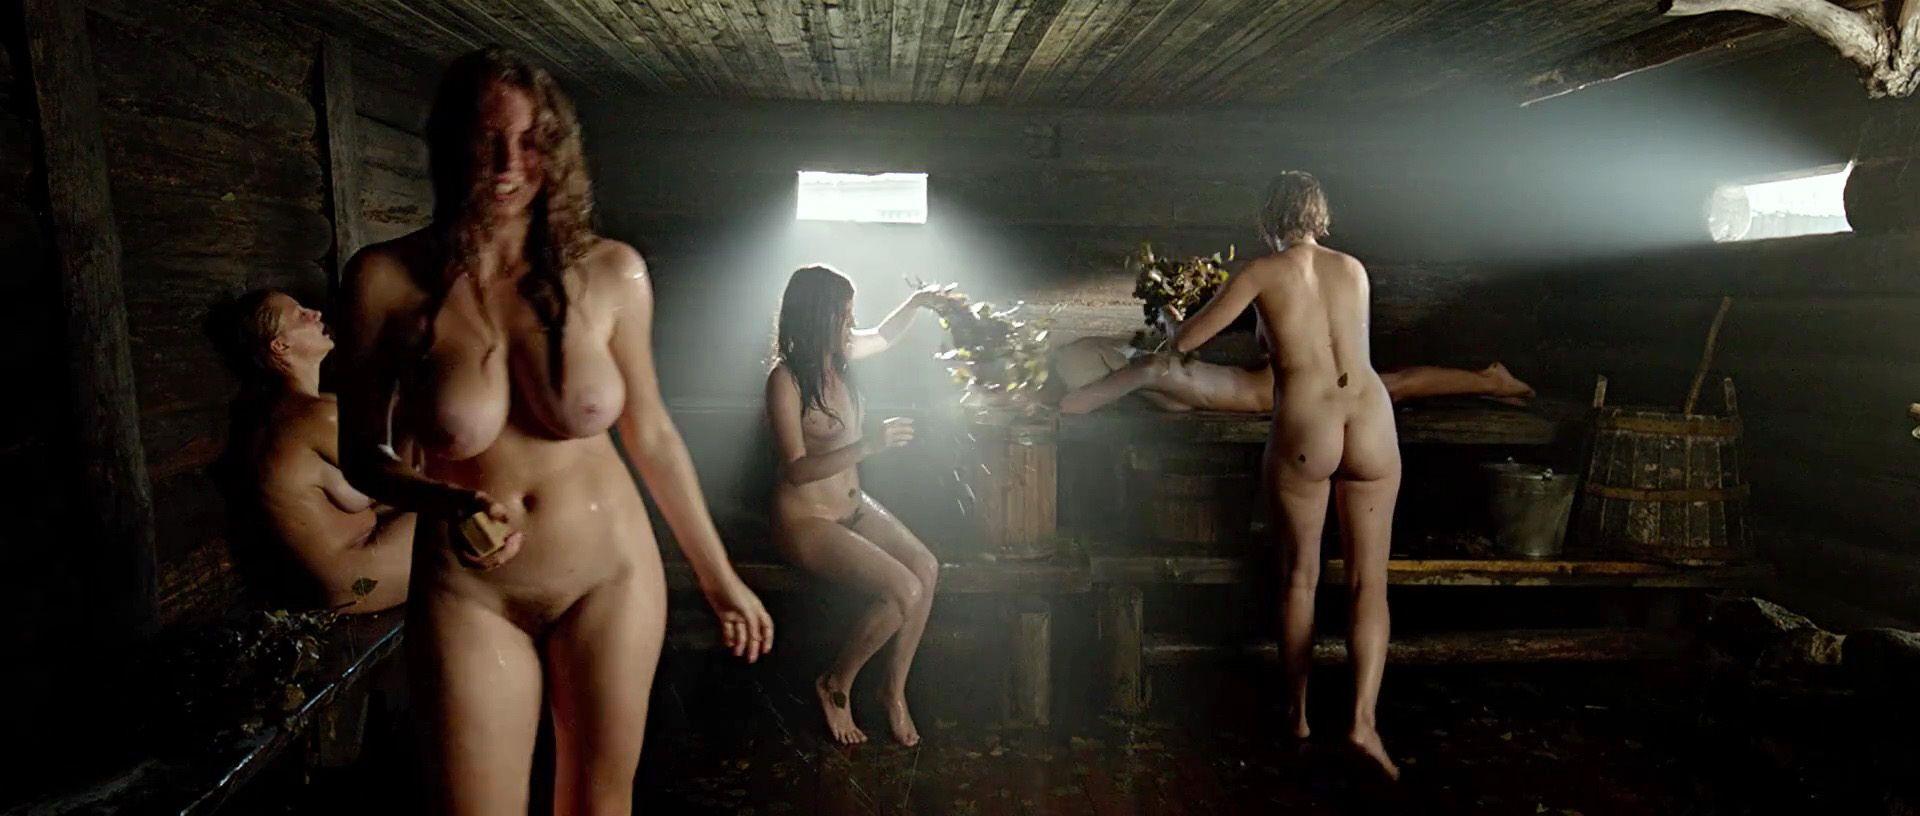 эротические сцены русские онлайн где